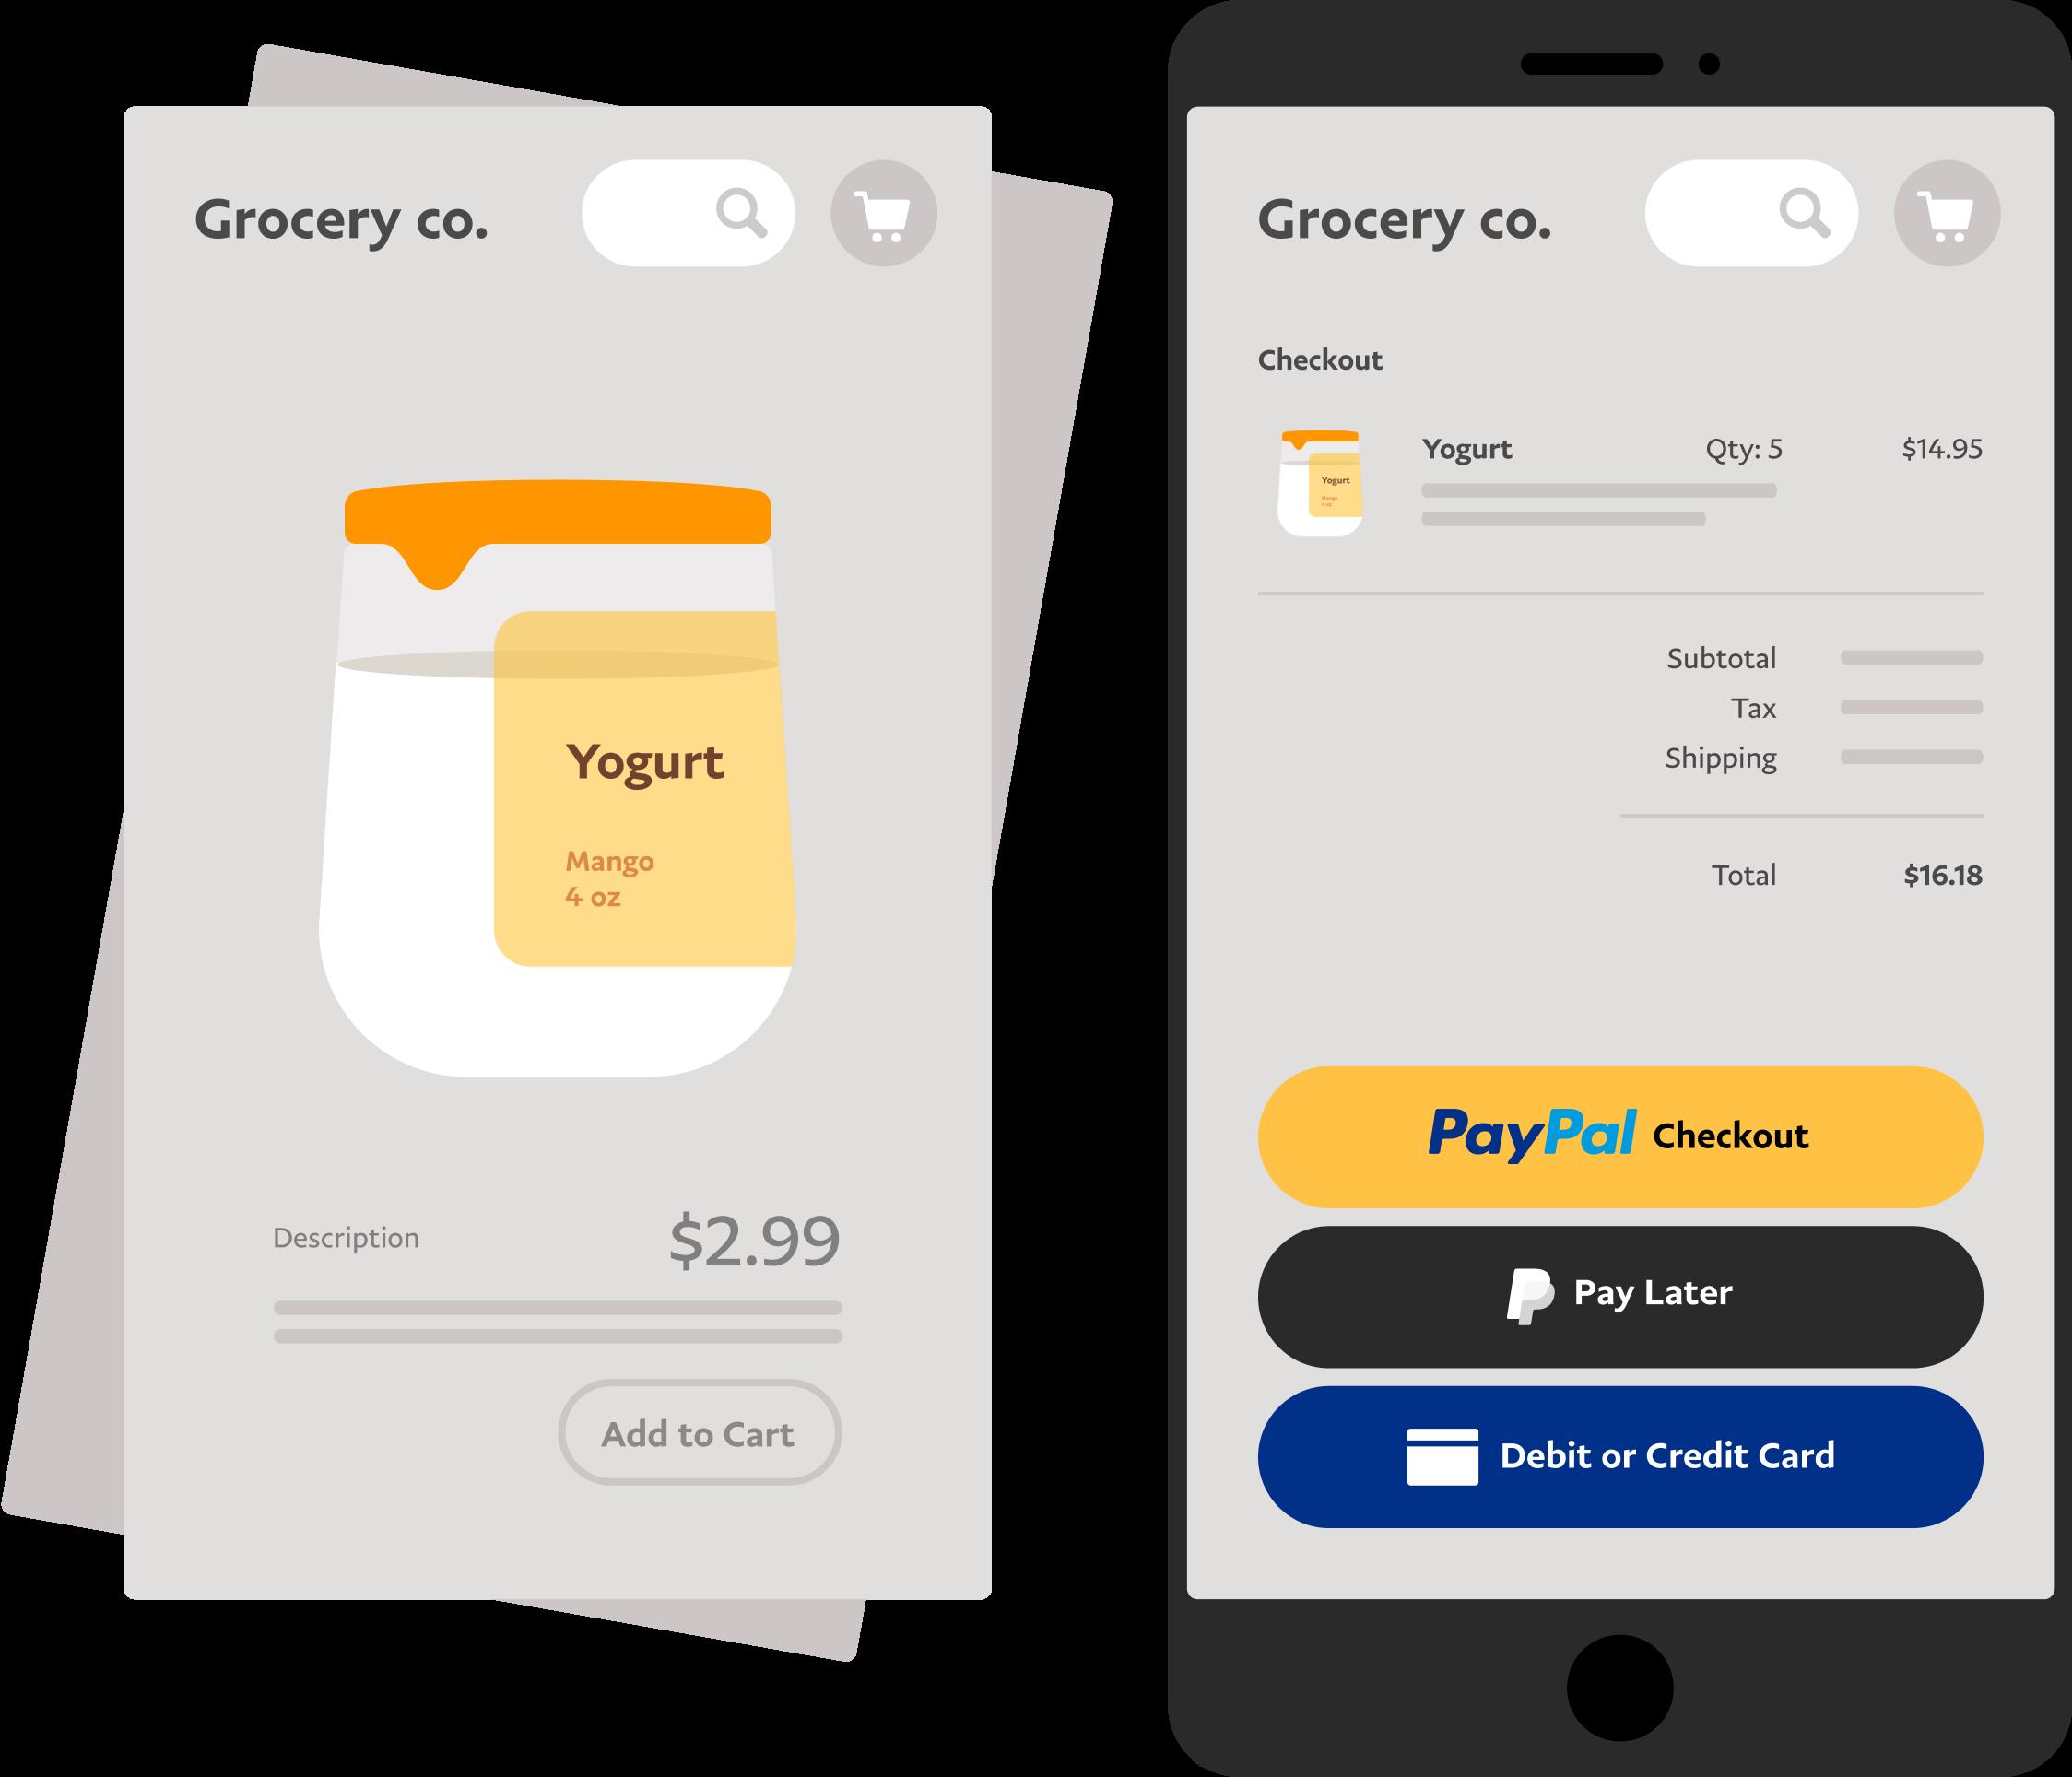 หน้าจอโทรศัพท์มือถือที่กำลังใช้งาน PayPal Checkout ในการซื้อสินค้าที่ร้านค้าที่ขายสินค้าได้ทั่วไป